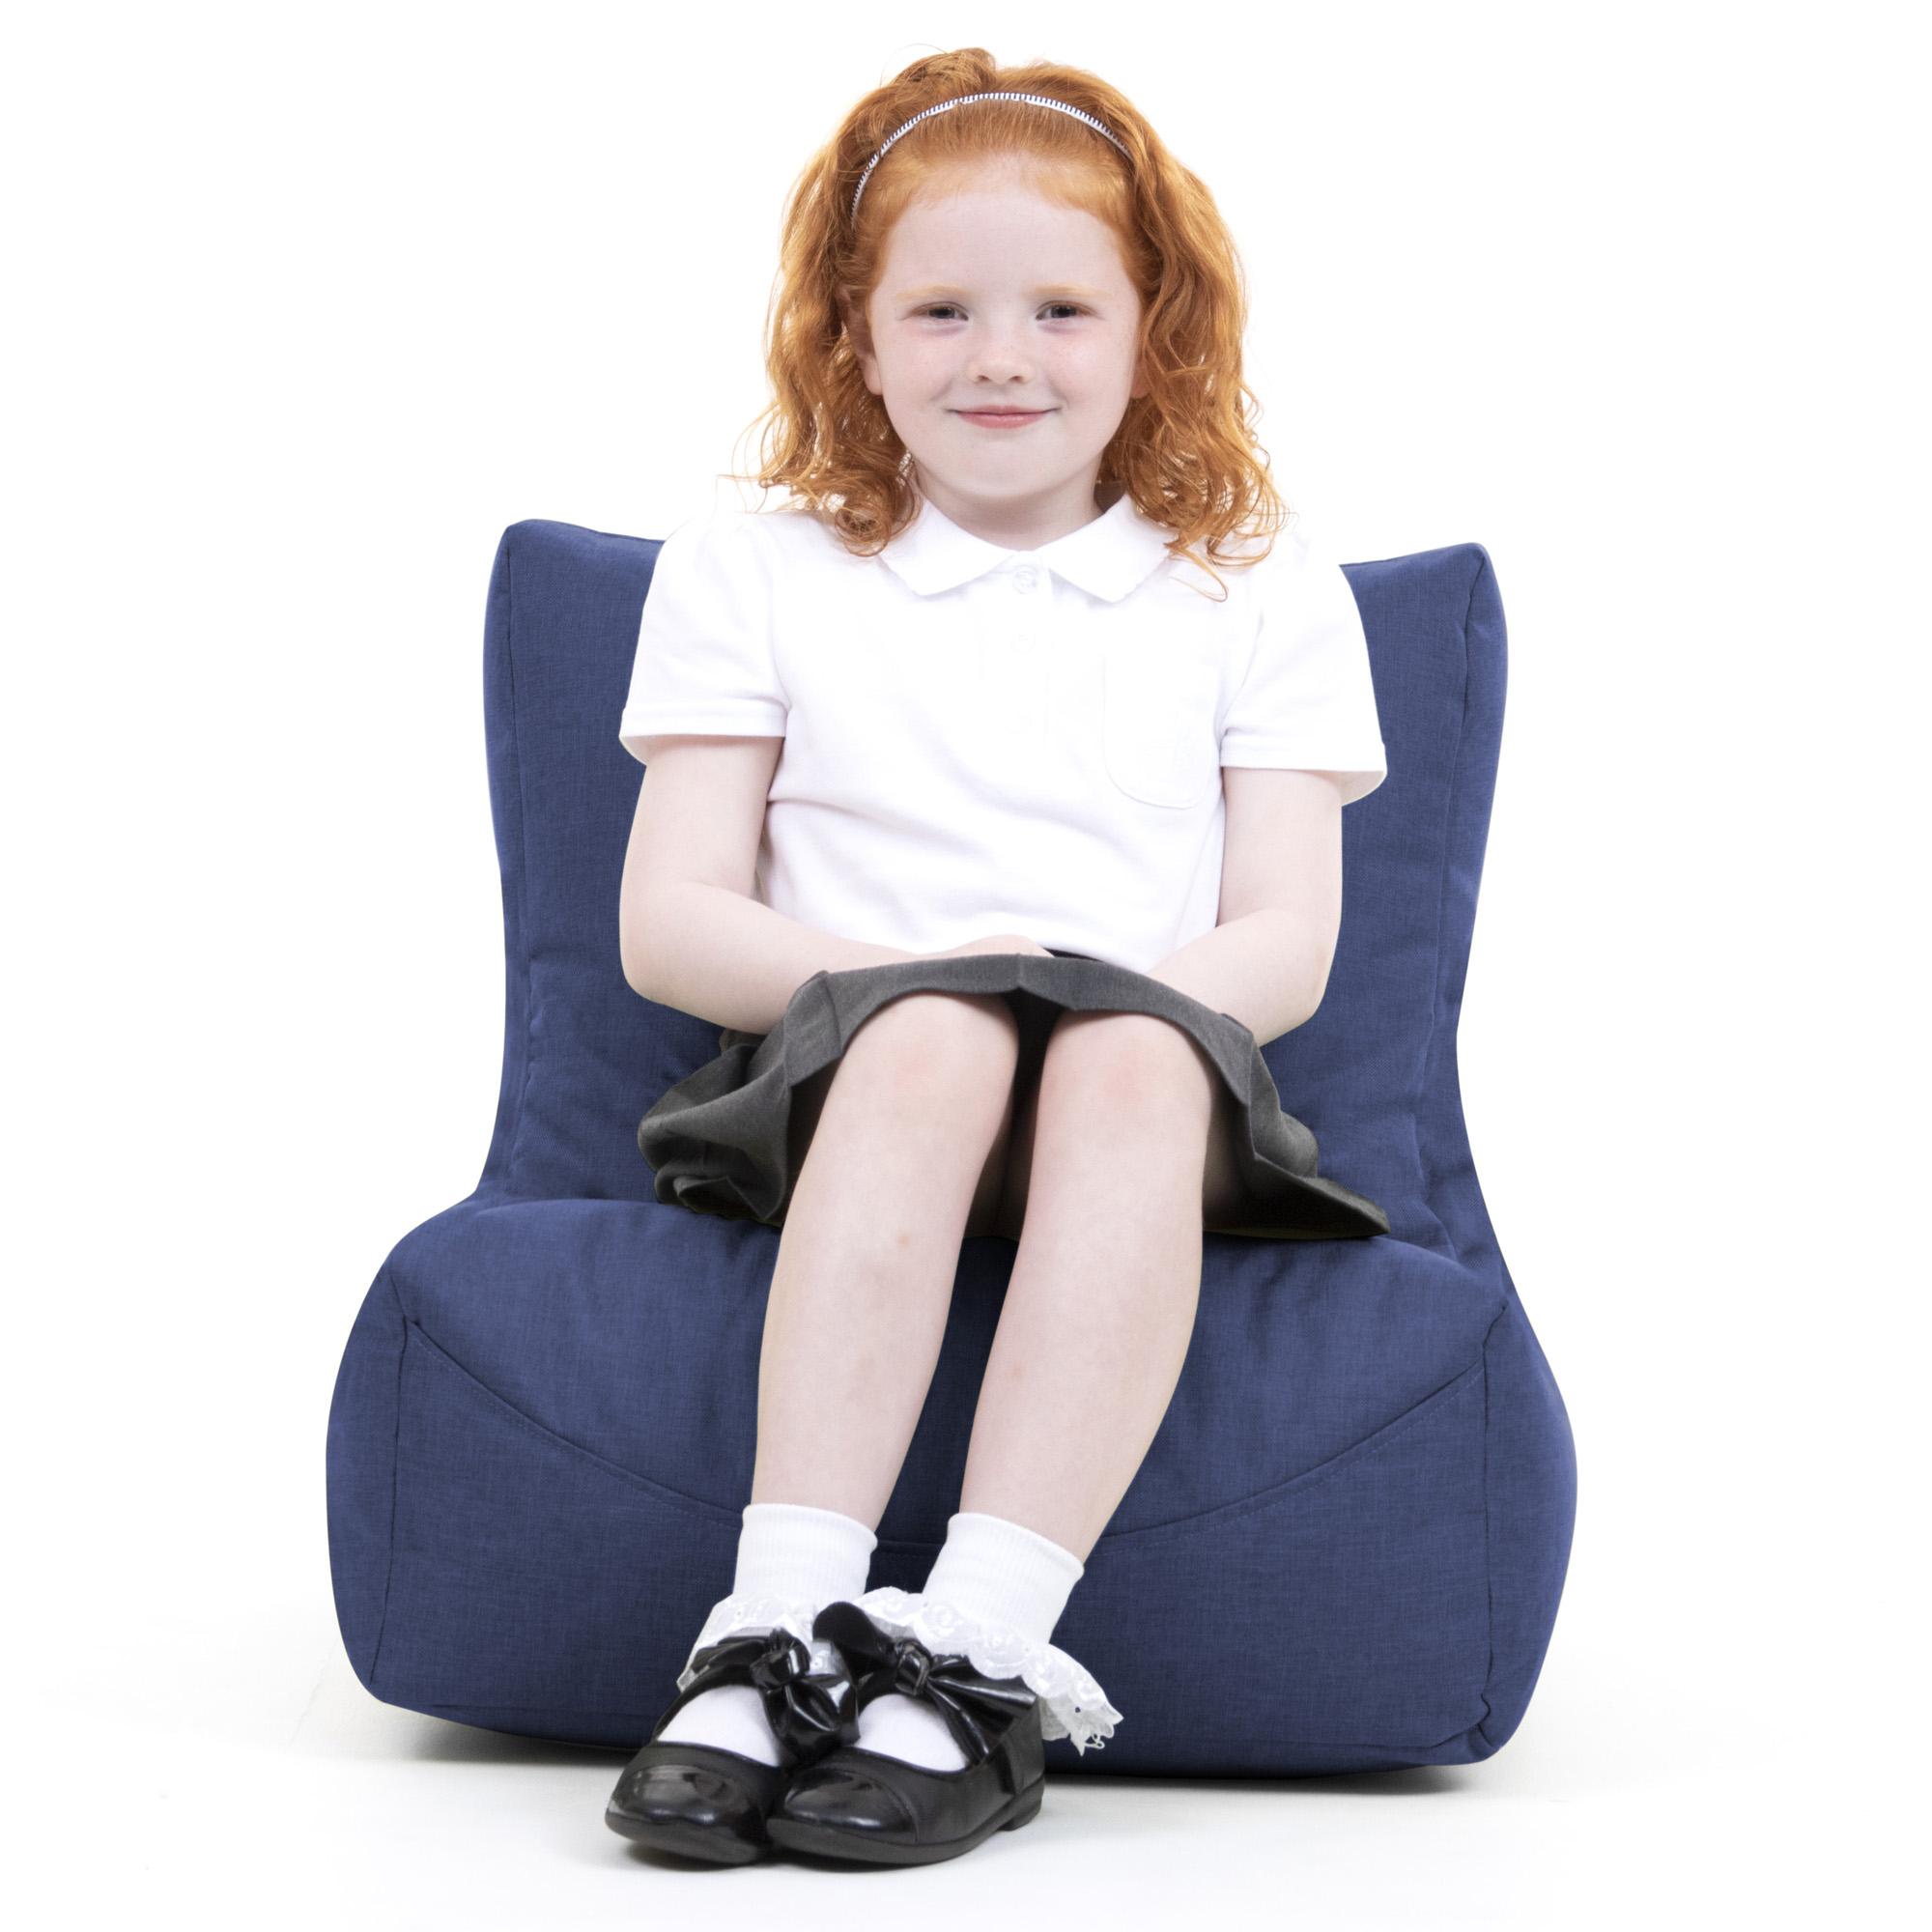 Eden-PRI-Smile-Chair-Navy-3-300dpi